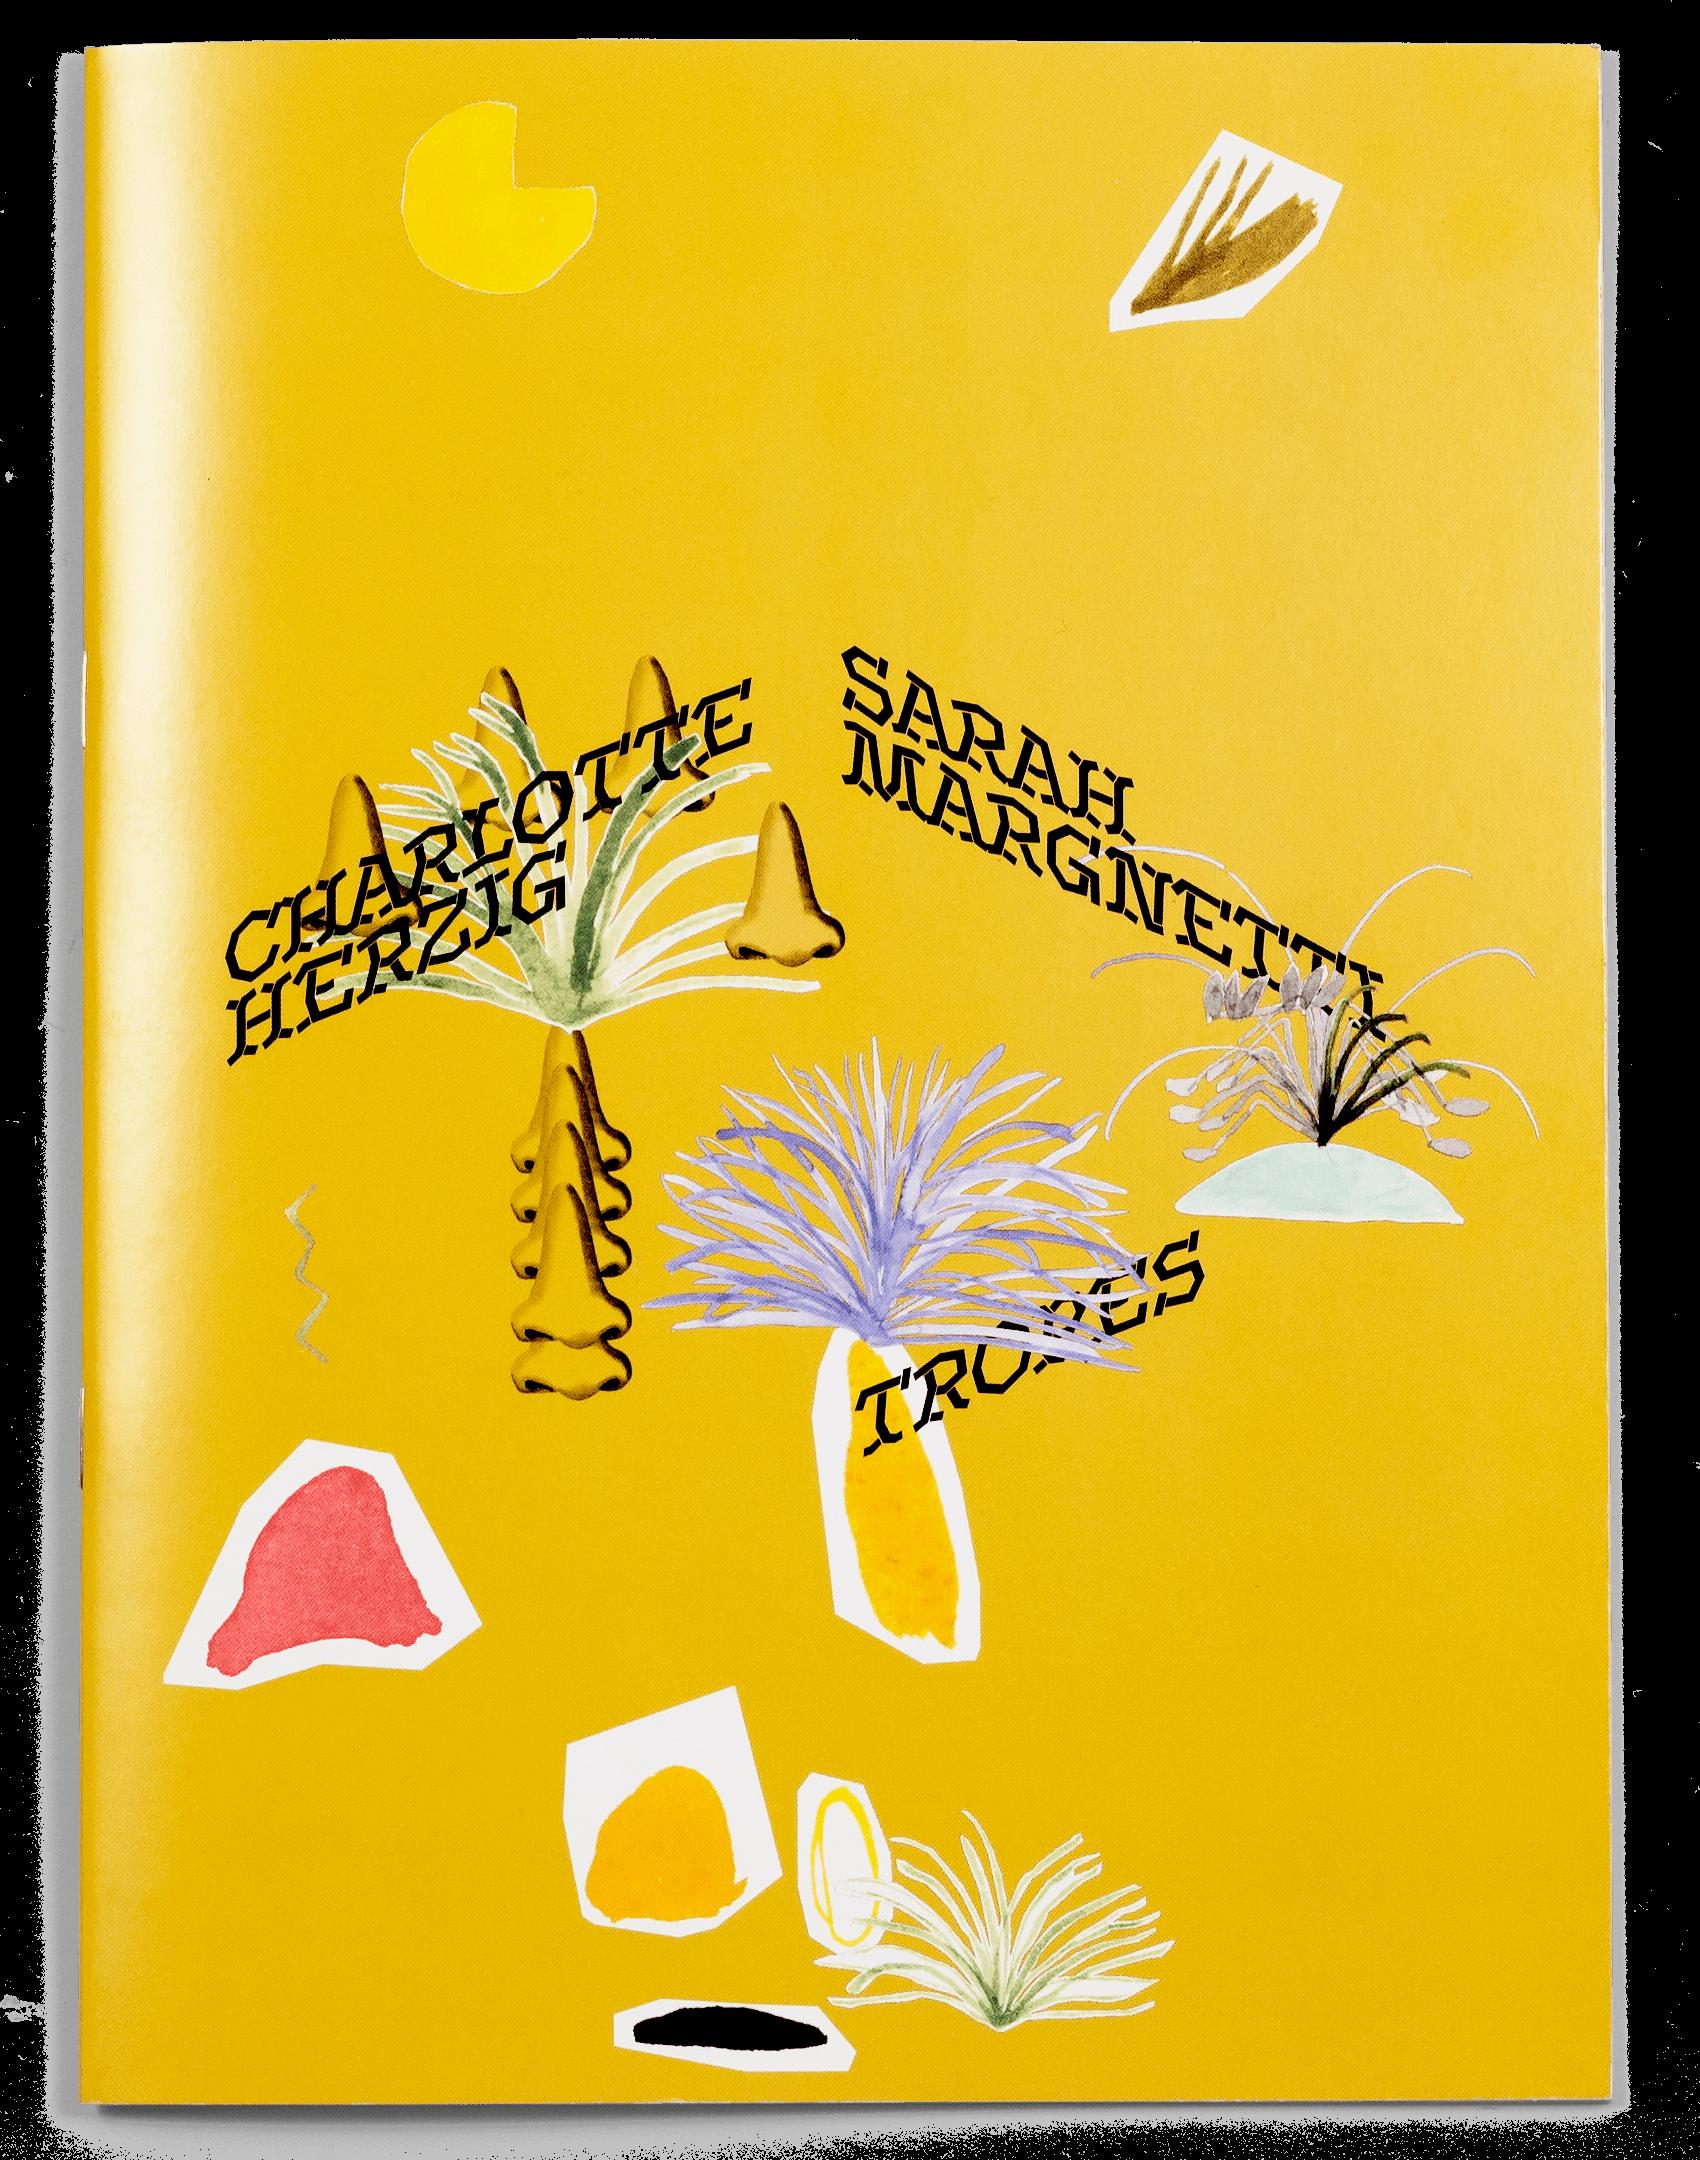 Collage de Charlotte Herzig et Sarah Margnetti sur la brochure de leur exposition à la ferme de la Chapelle